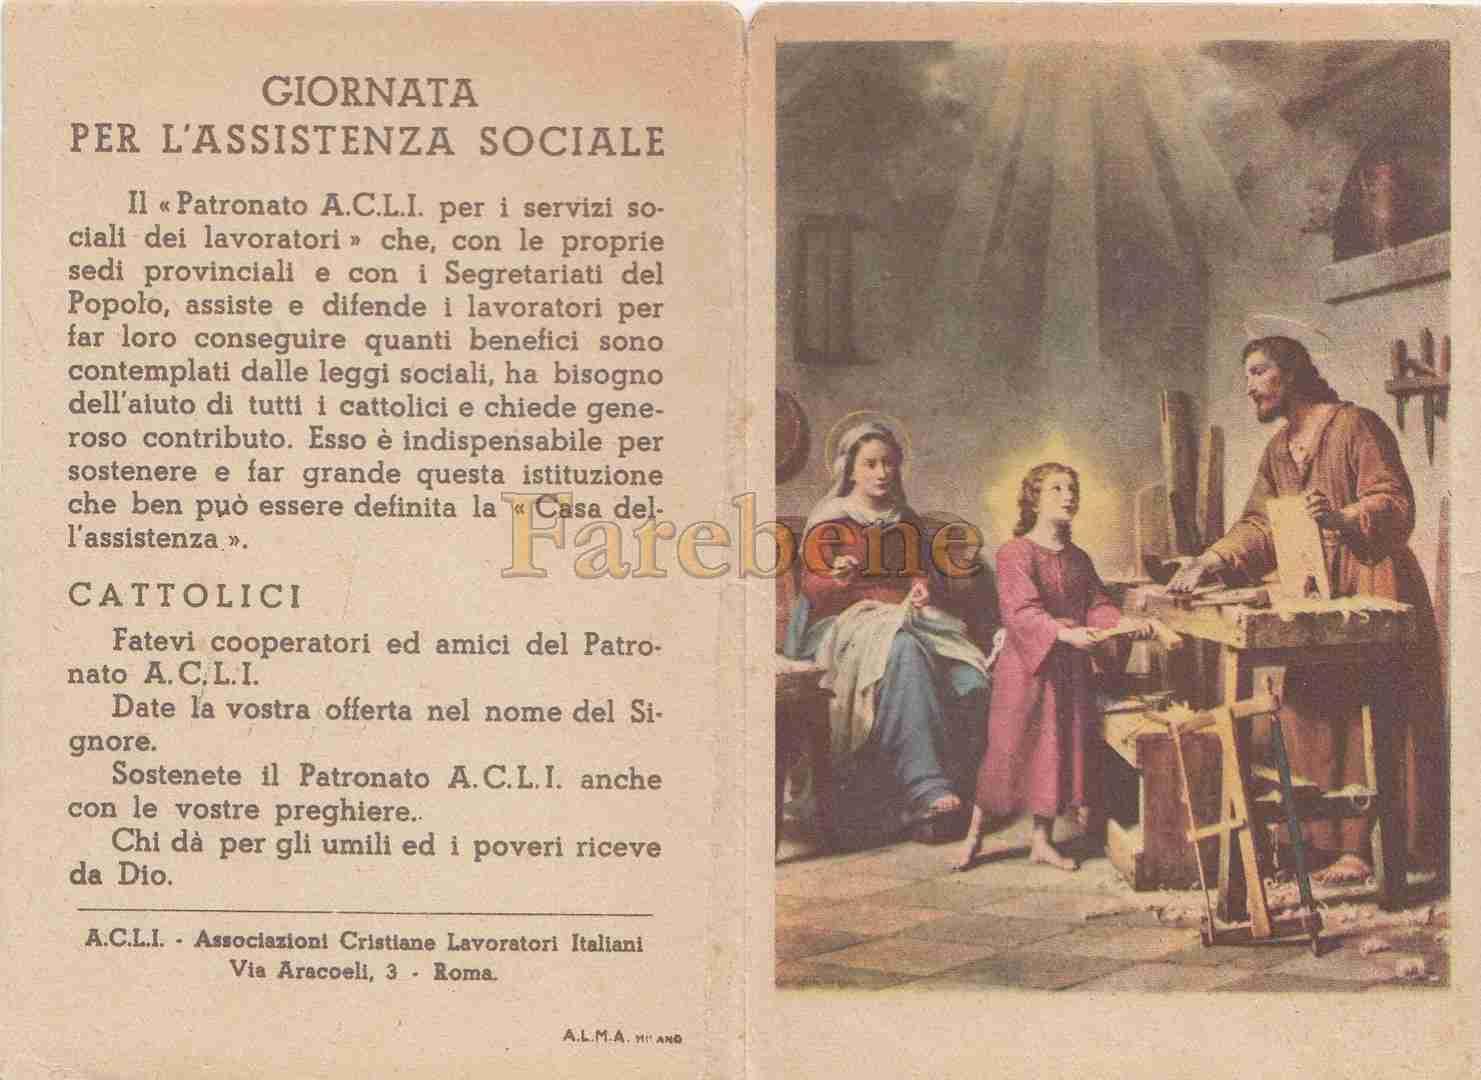 patronato acli assistenza-sociale 1944